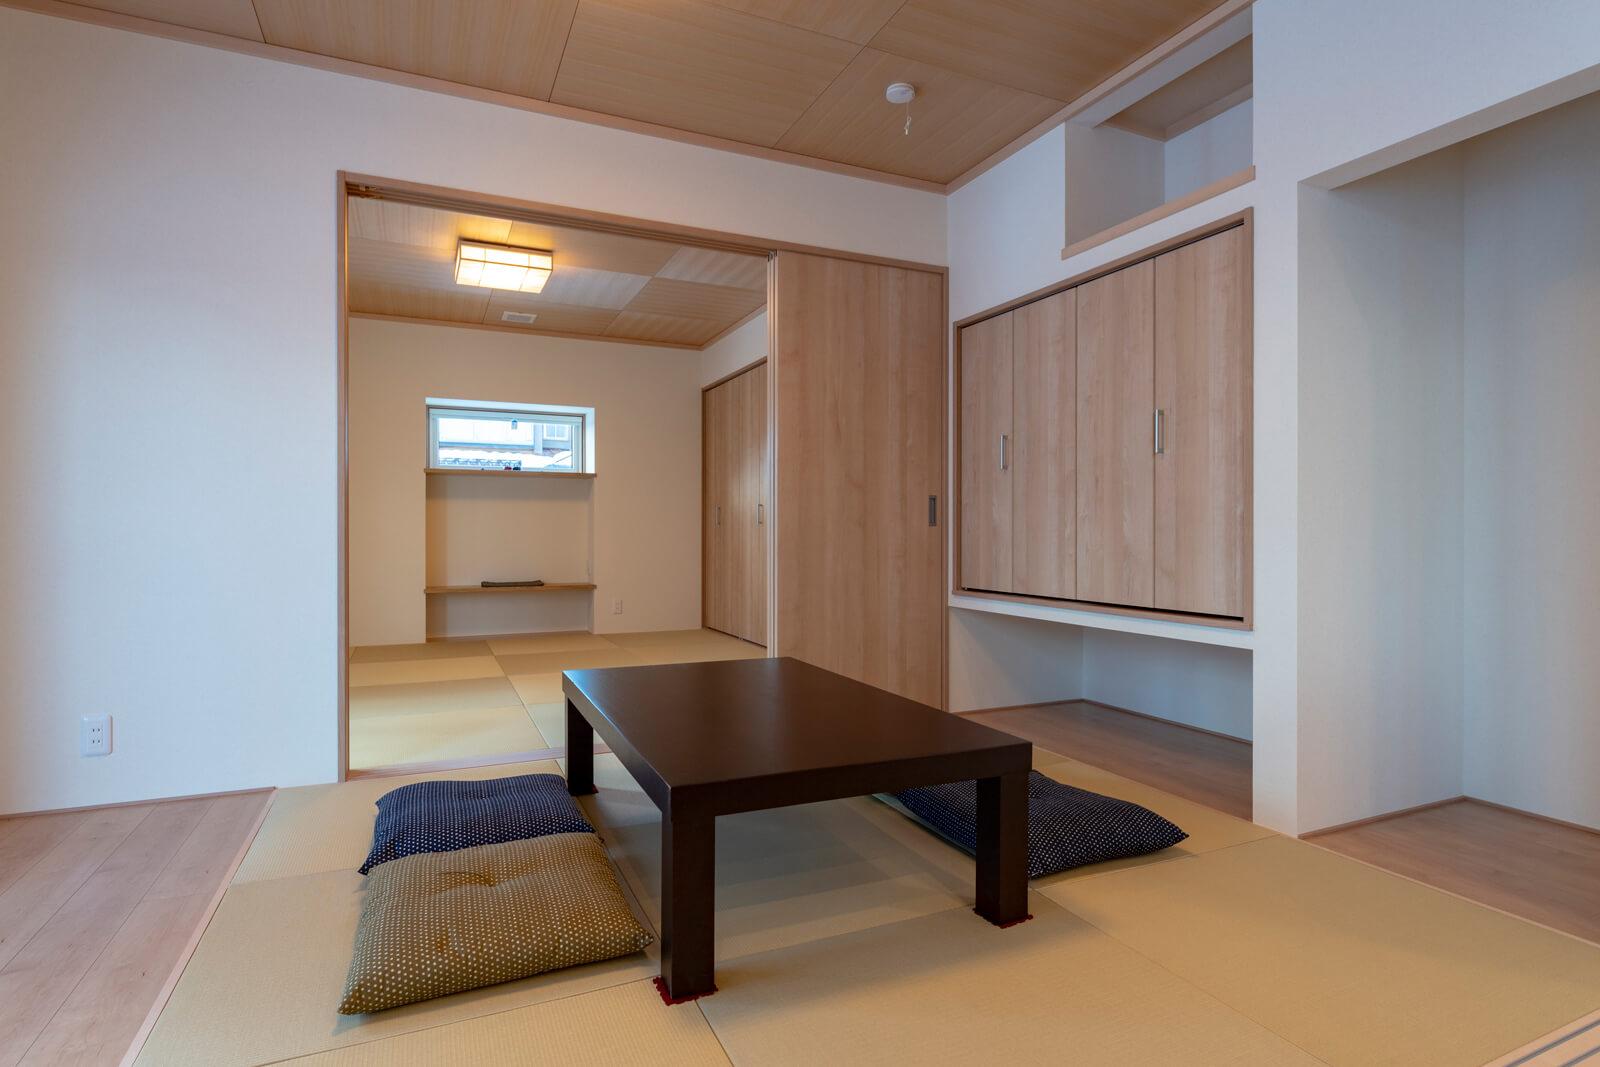 リビング隣には客用の6畳間、その奥には将来の同居を視野に入れたお母さん用の8畳間の和室が連なる